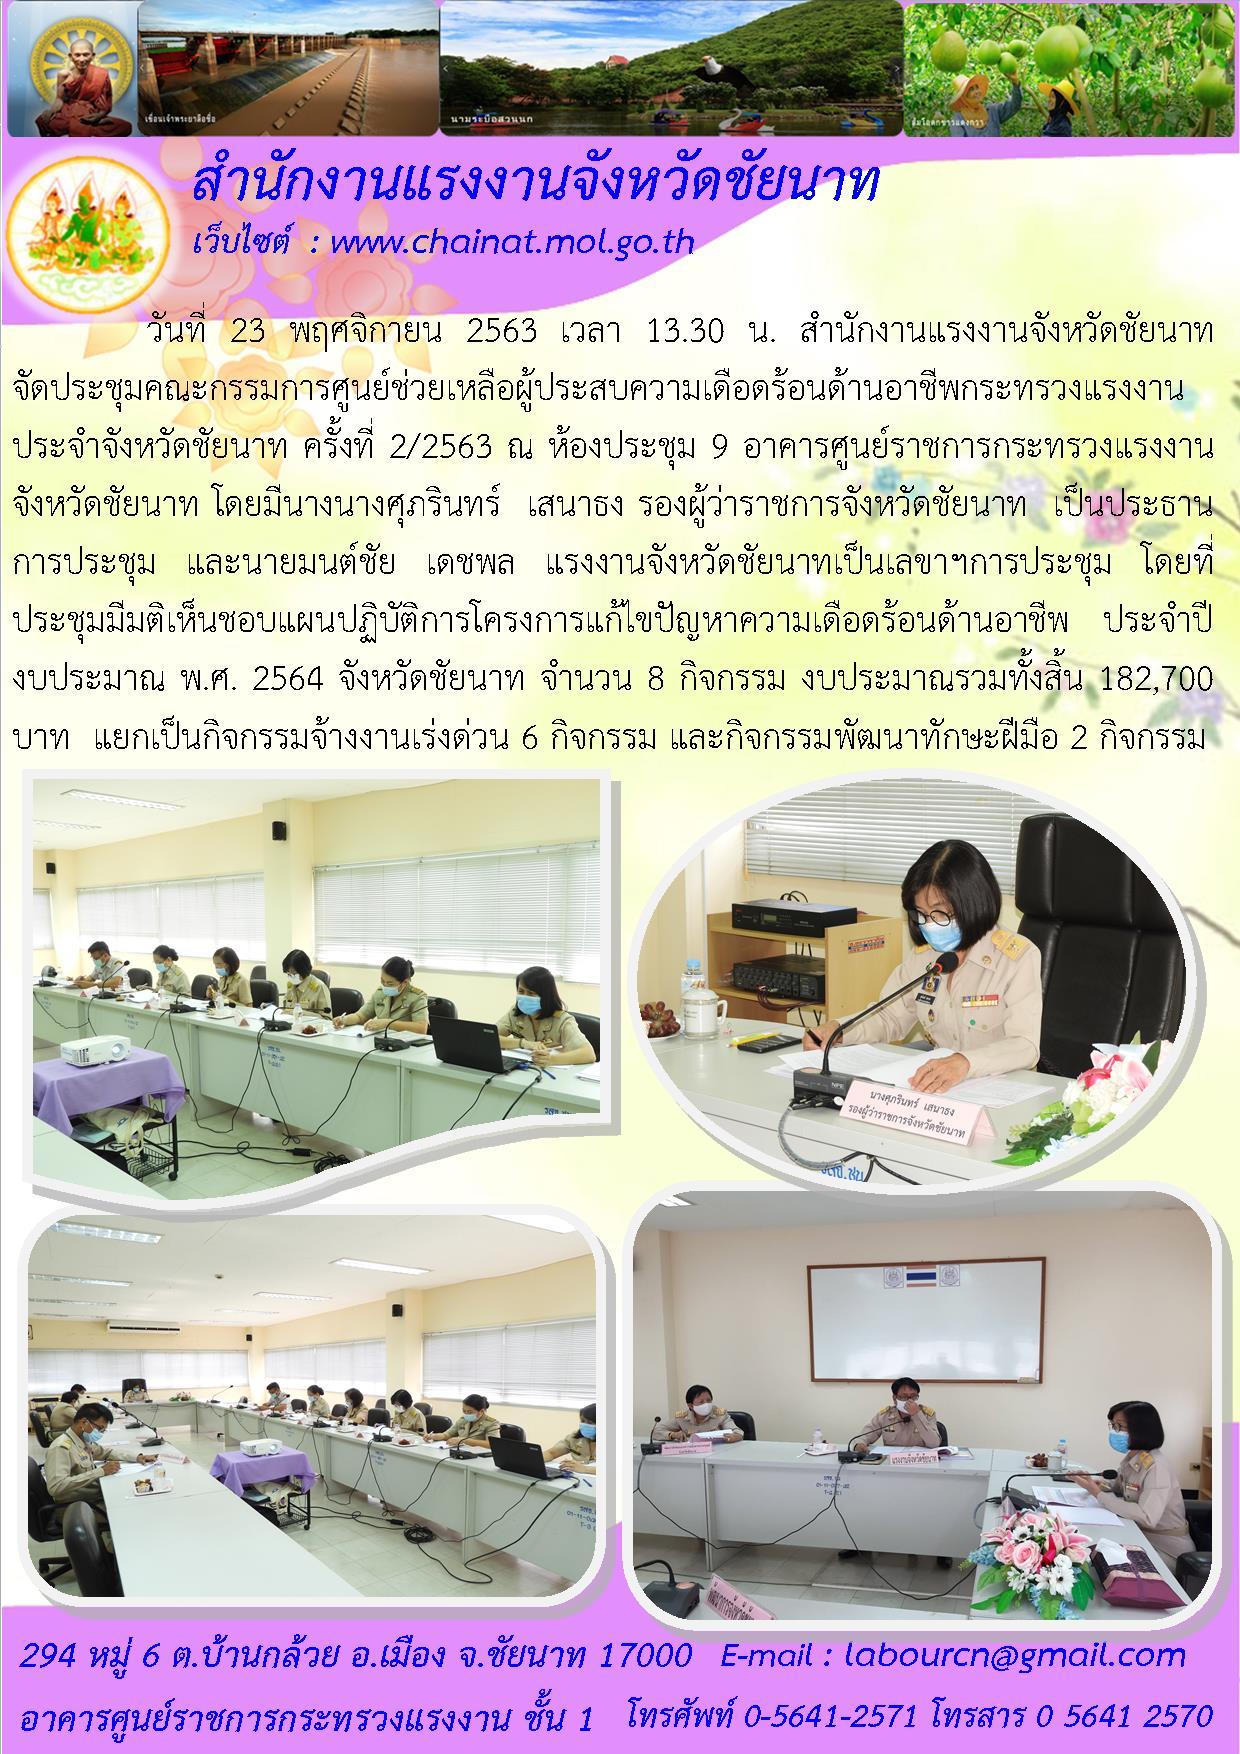 ประชุมคณะกรรมการศูนย์ช่วยเหลือผู้ประสบความเดือดร้อนด้านอาชีพกระทรวงแรงงาน ครั้งที่ 2/2563